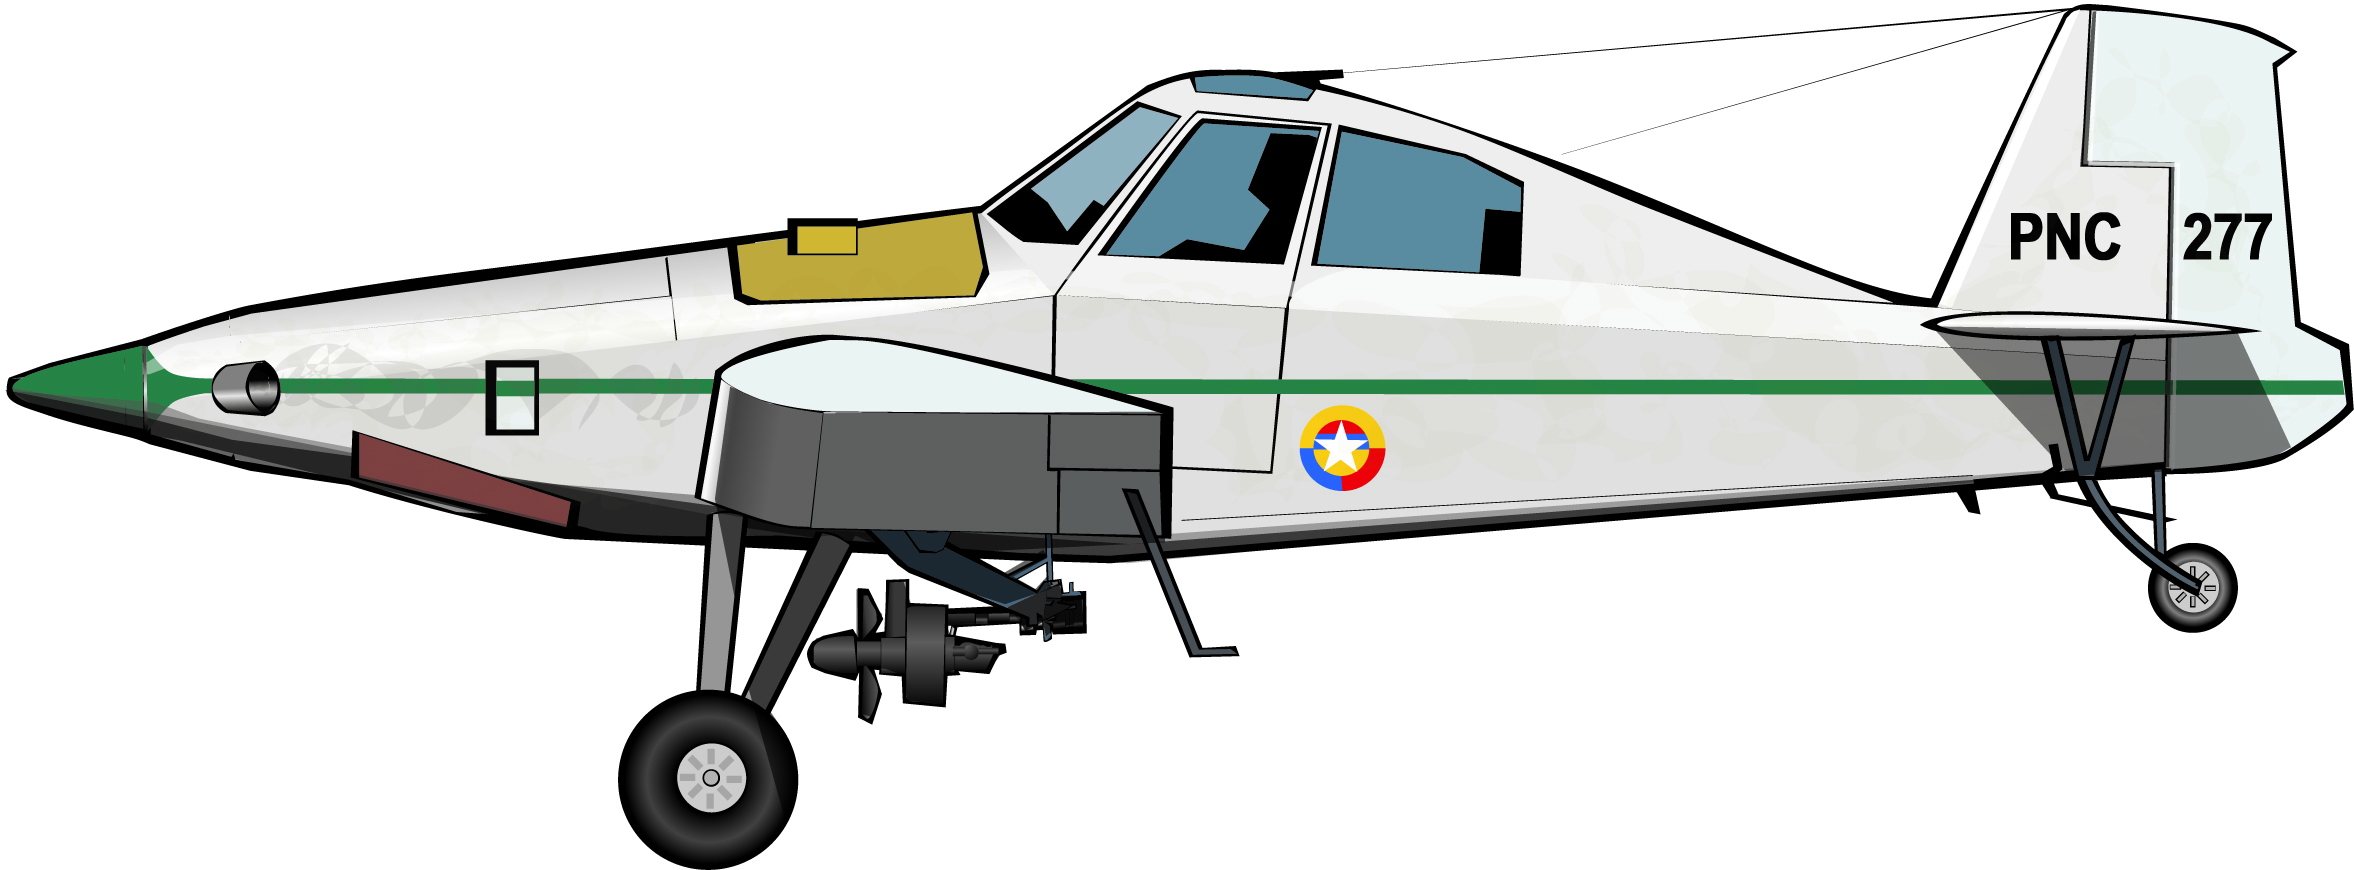 El avión aspersor de la Policía Nacional de Colombia